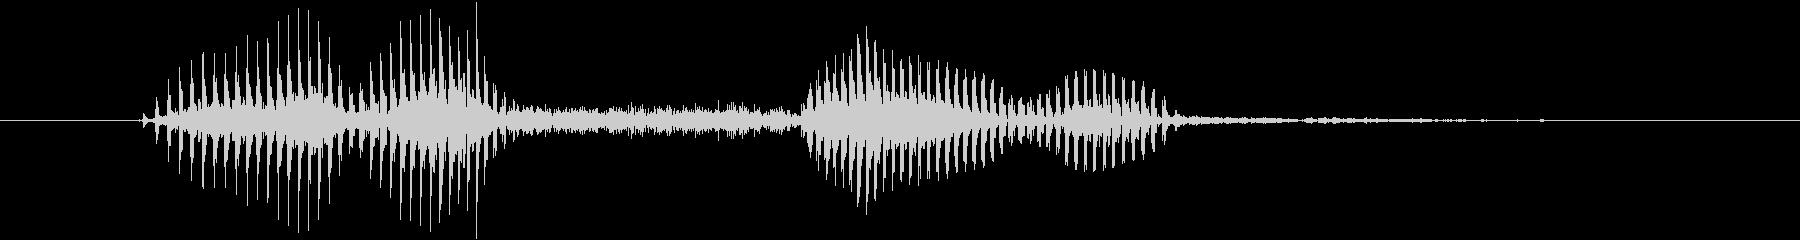 いらっしゃいませ_低音の未再生の波形